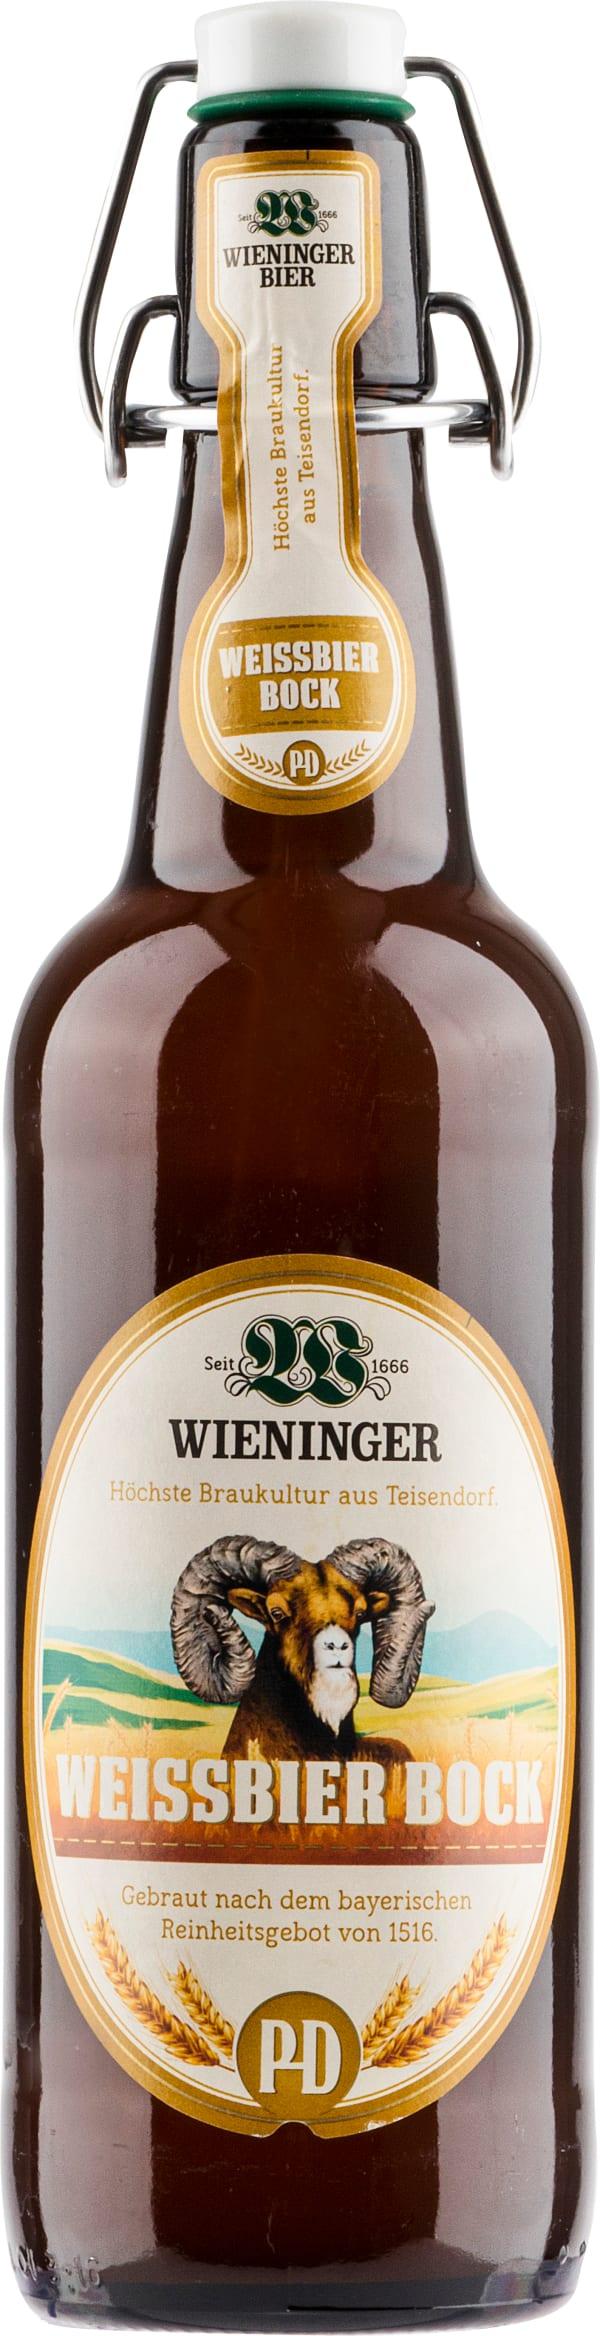 Wieninger Weissbier Bock